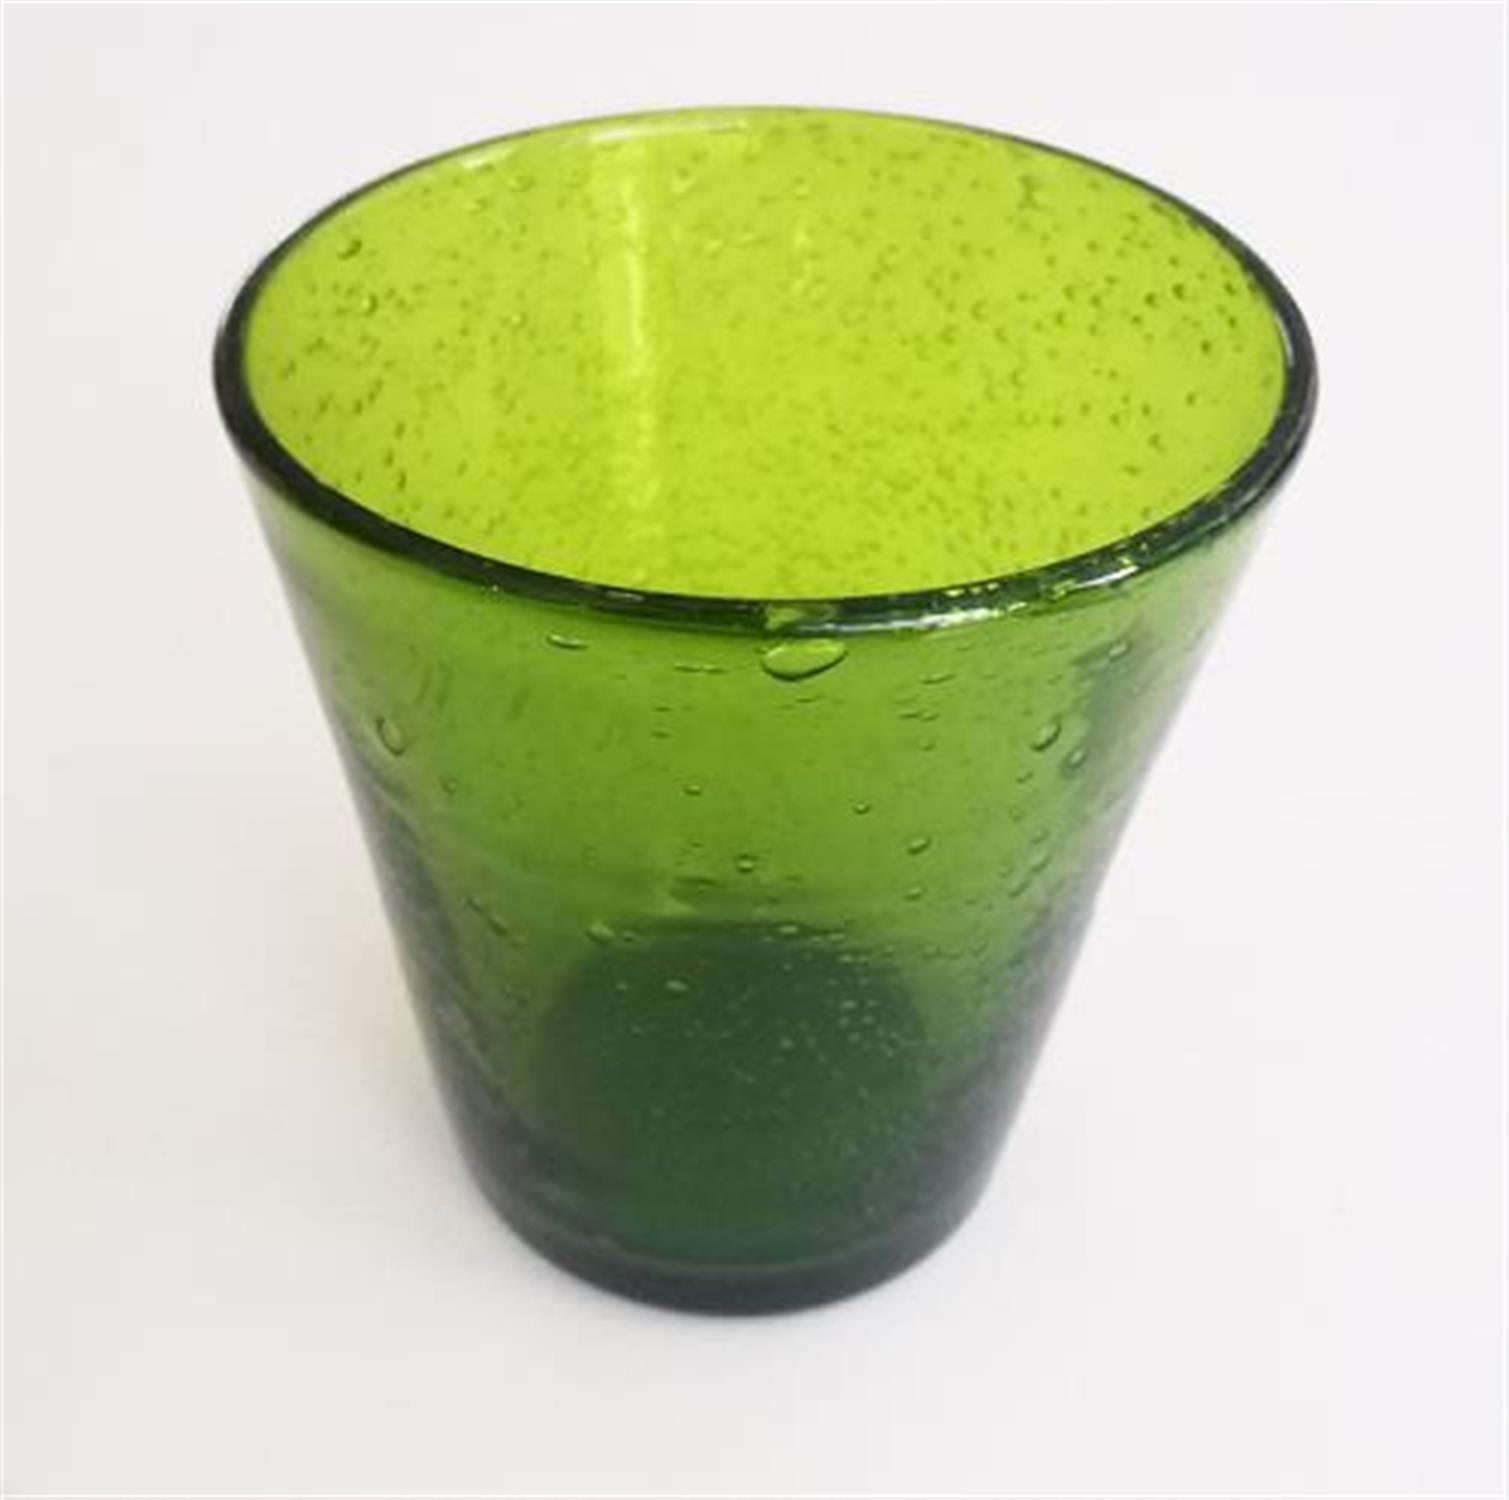 Ποτήρι ουίσκι πράσινο με φυσαλίδες σετ 6 τεμαχίων